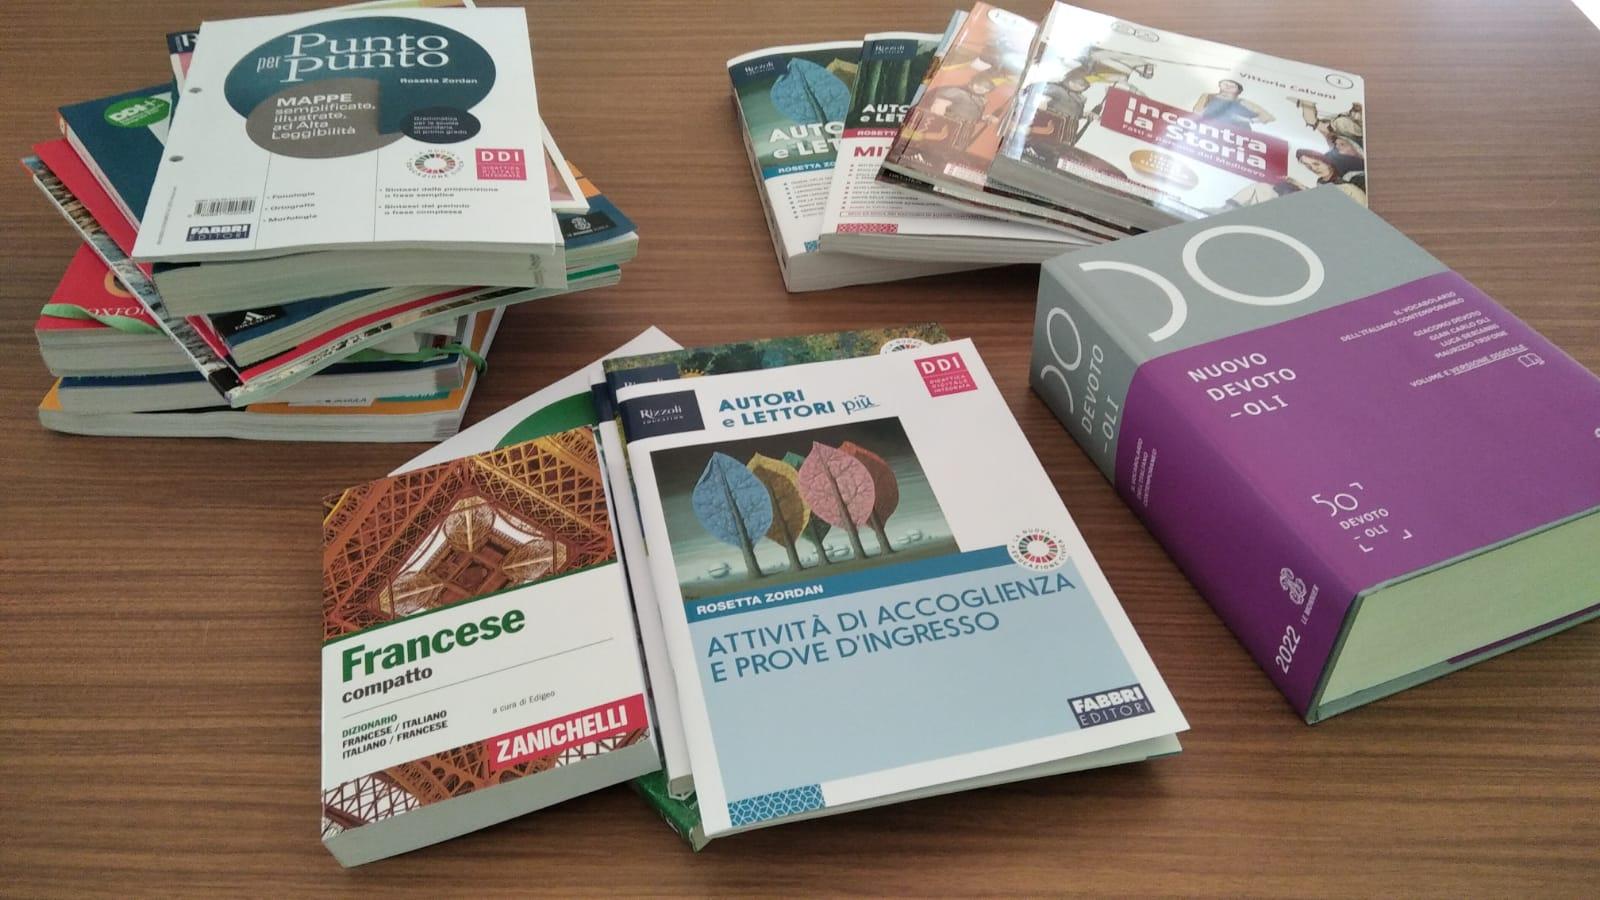 Immagine articolo:La scuola ha acquistato libri di testo con i fondi PON